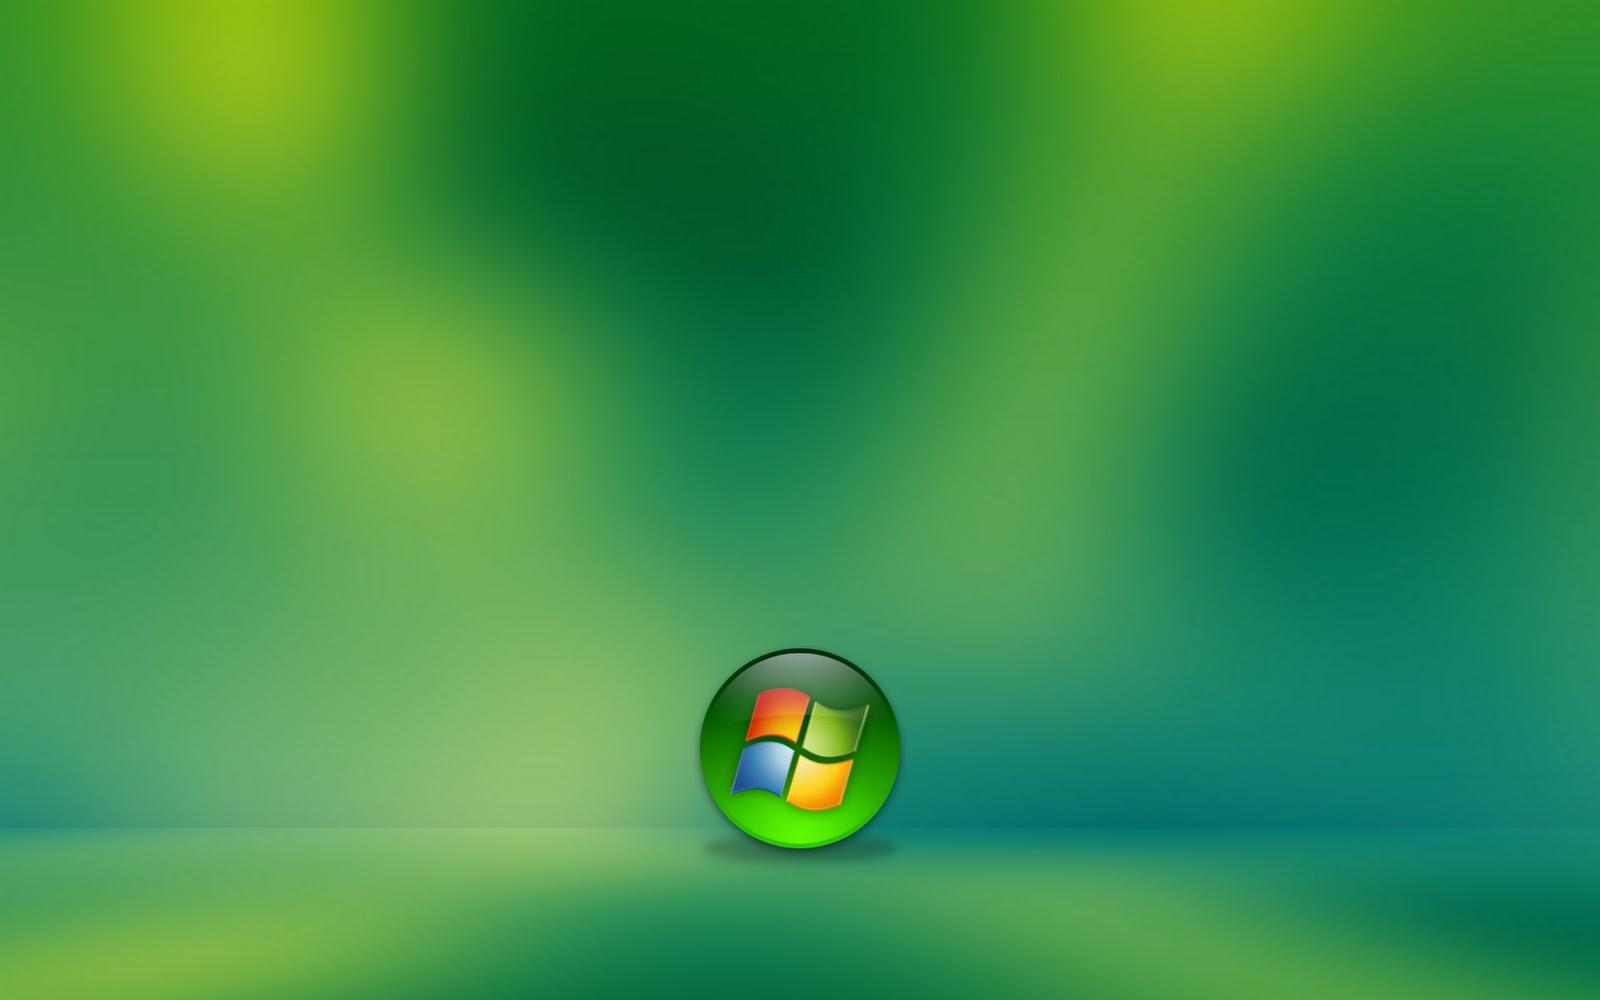 http://2.bp.blogspot.com/-UXNuYt1uSpk/TWaAknzpuuI/AAAAAAAAAoo/PyJpfdrNvI8/s1600/Vista+Wallpaper+%252896%2529.jpg